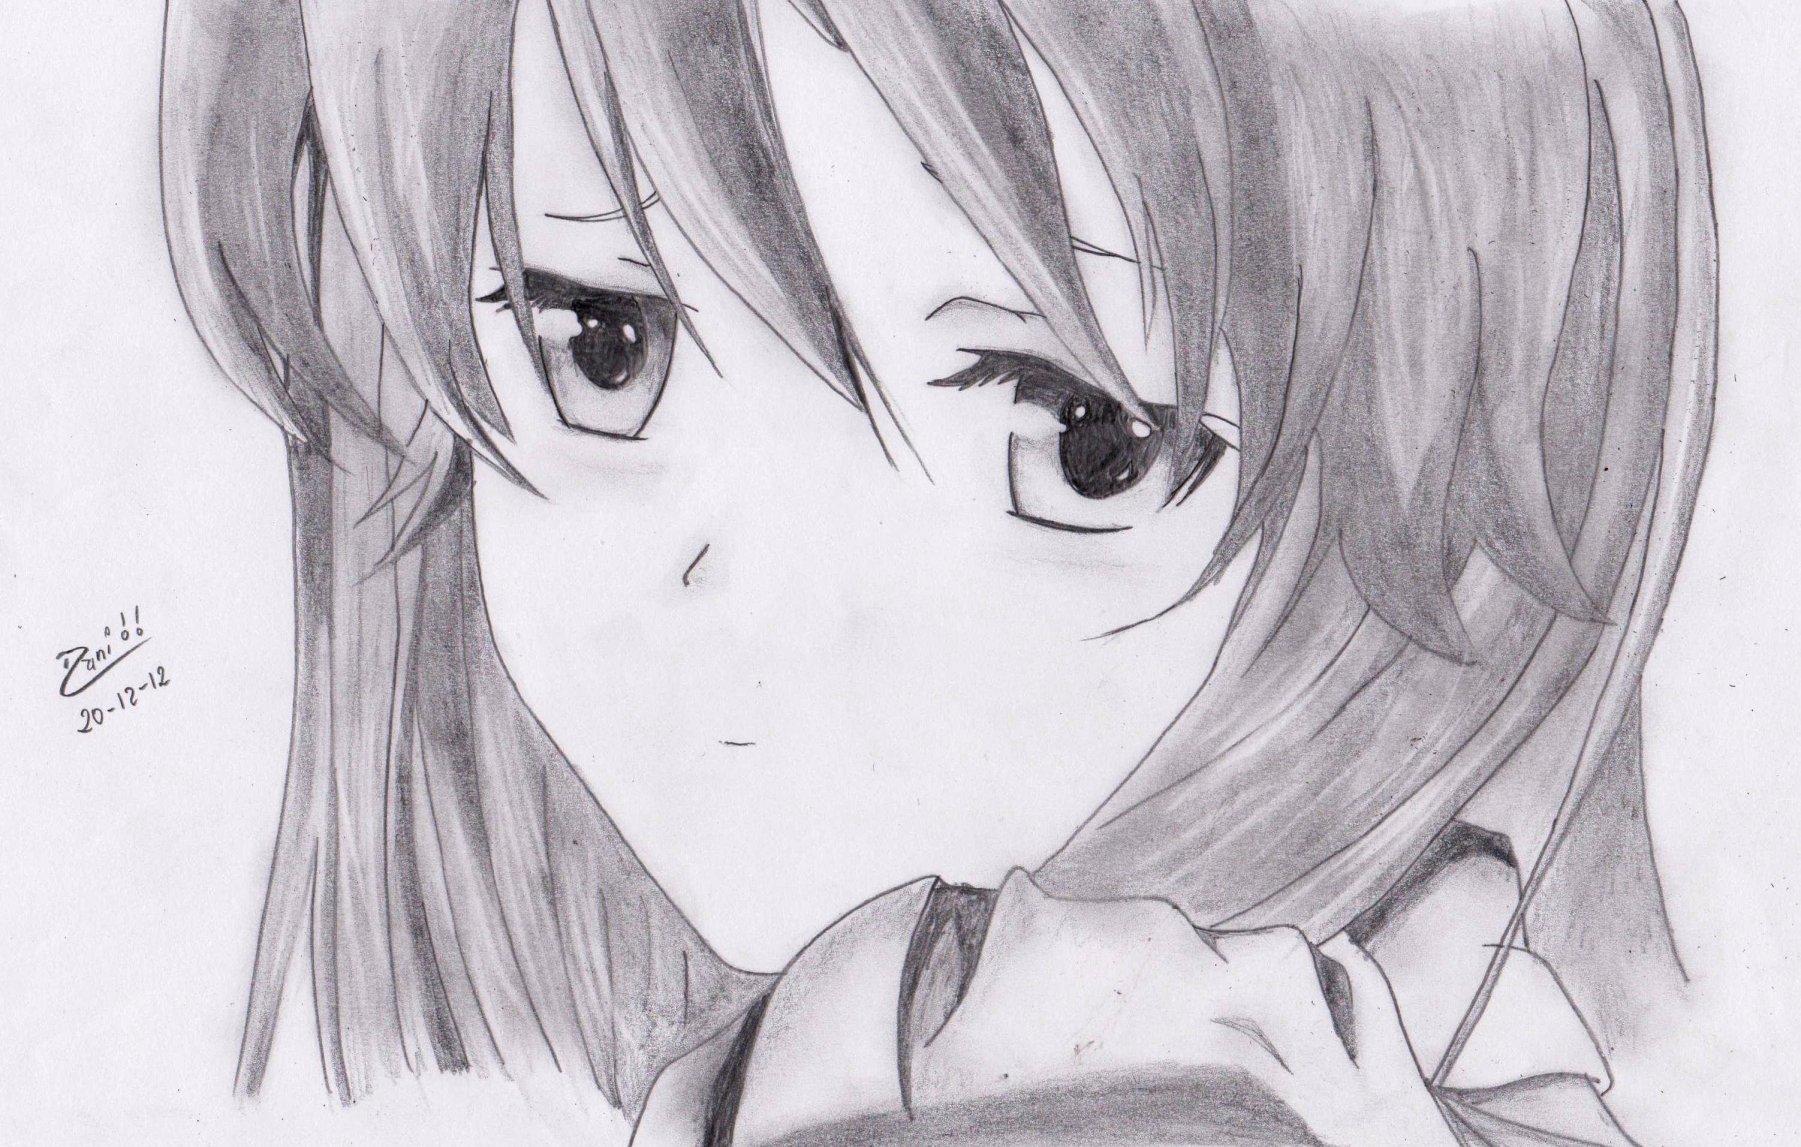 Dibujos de animes tristes para dibujar imagui - Image de manga triste ...